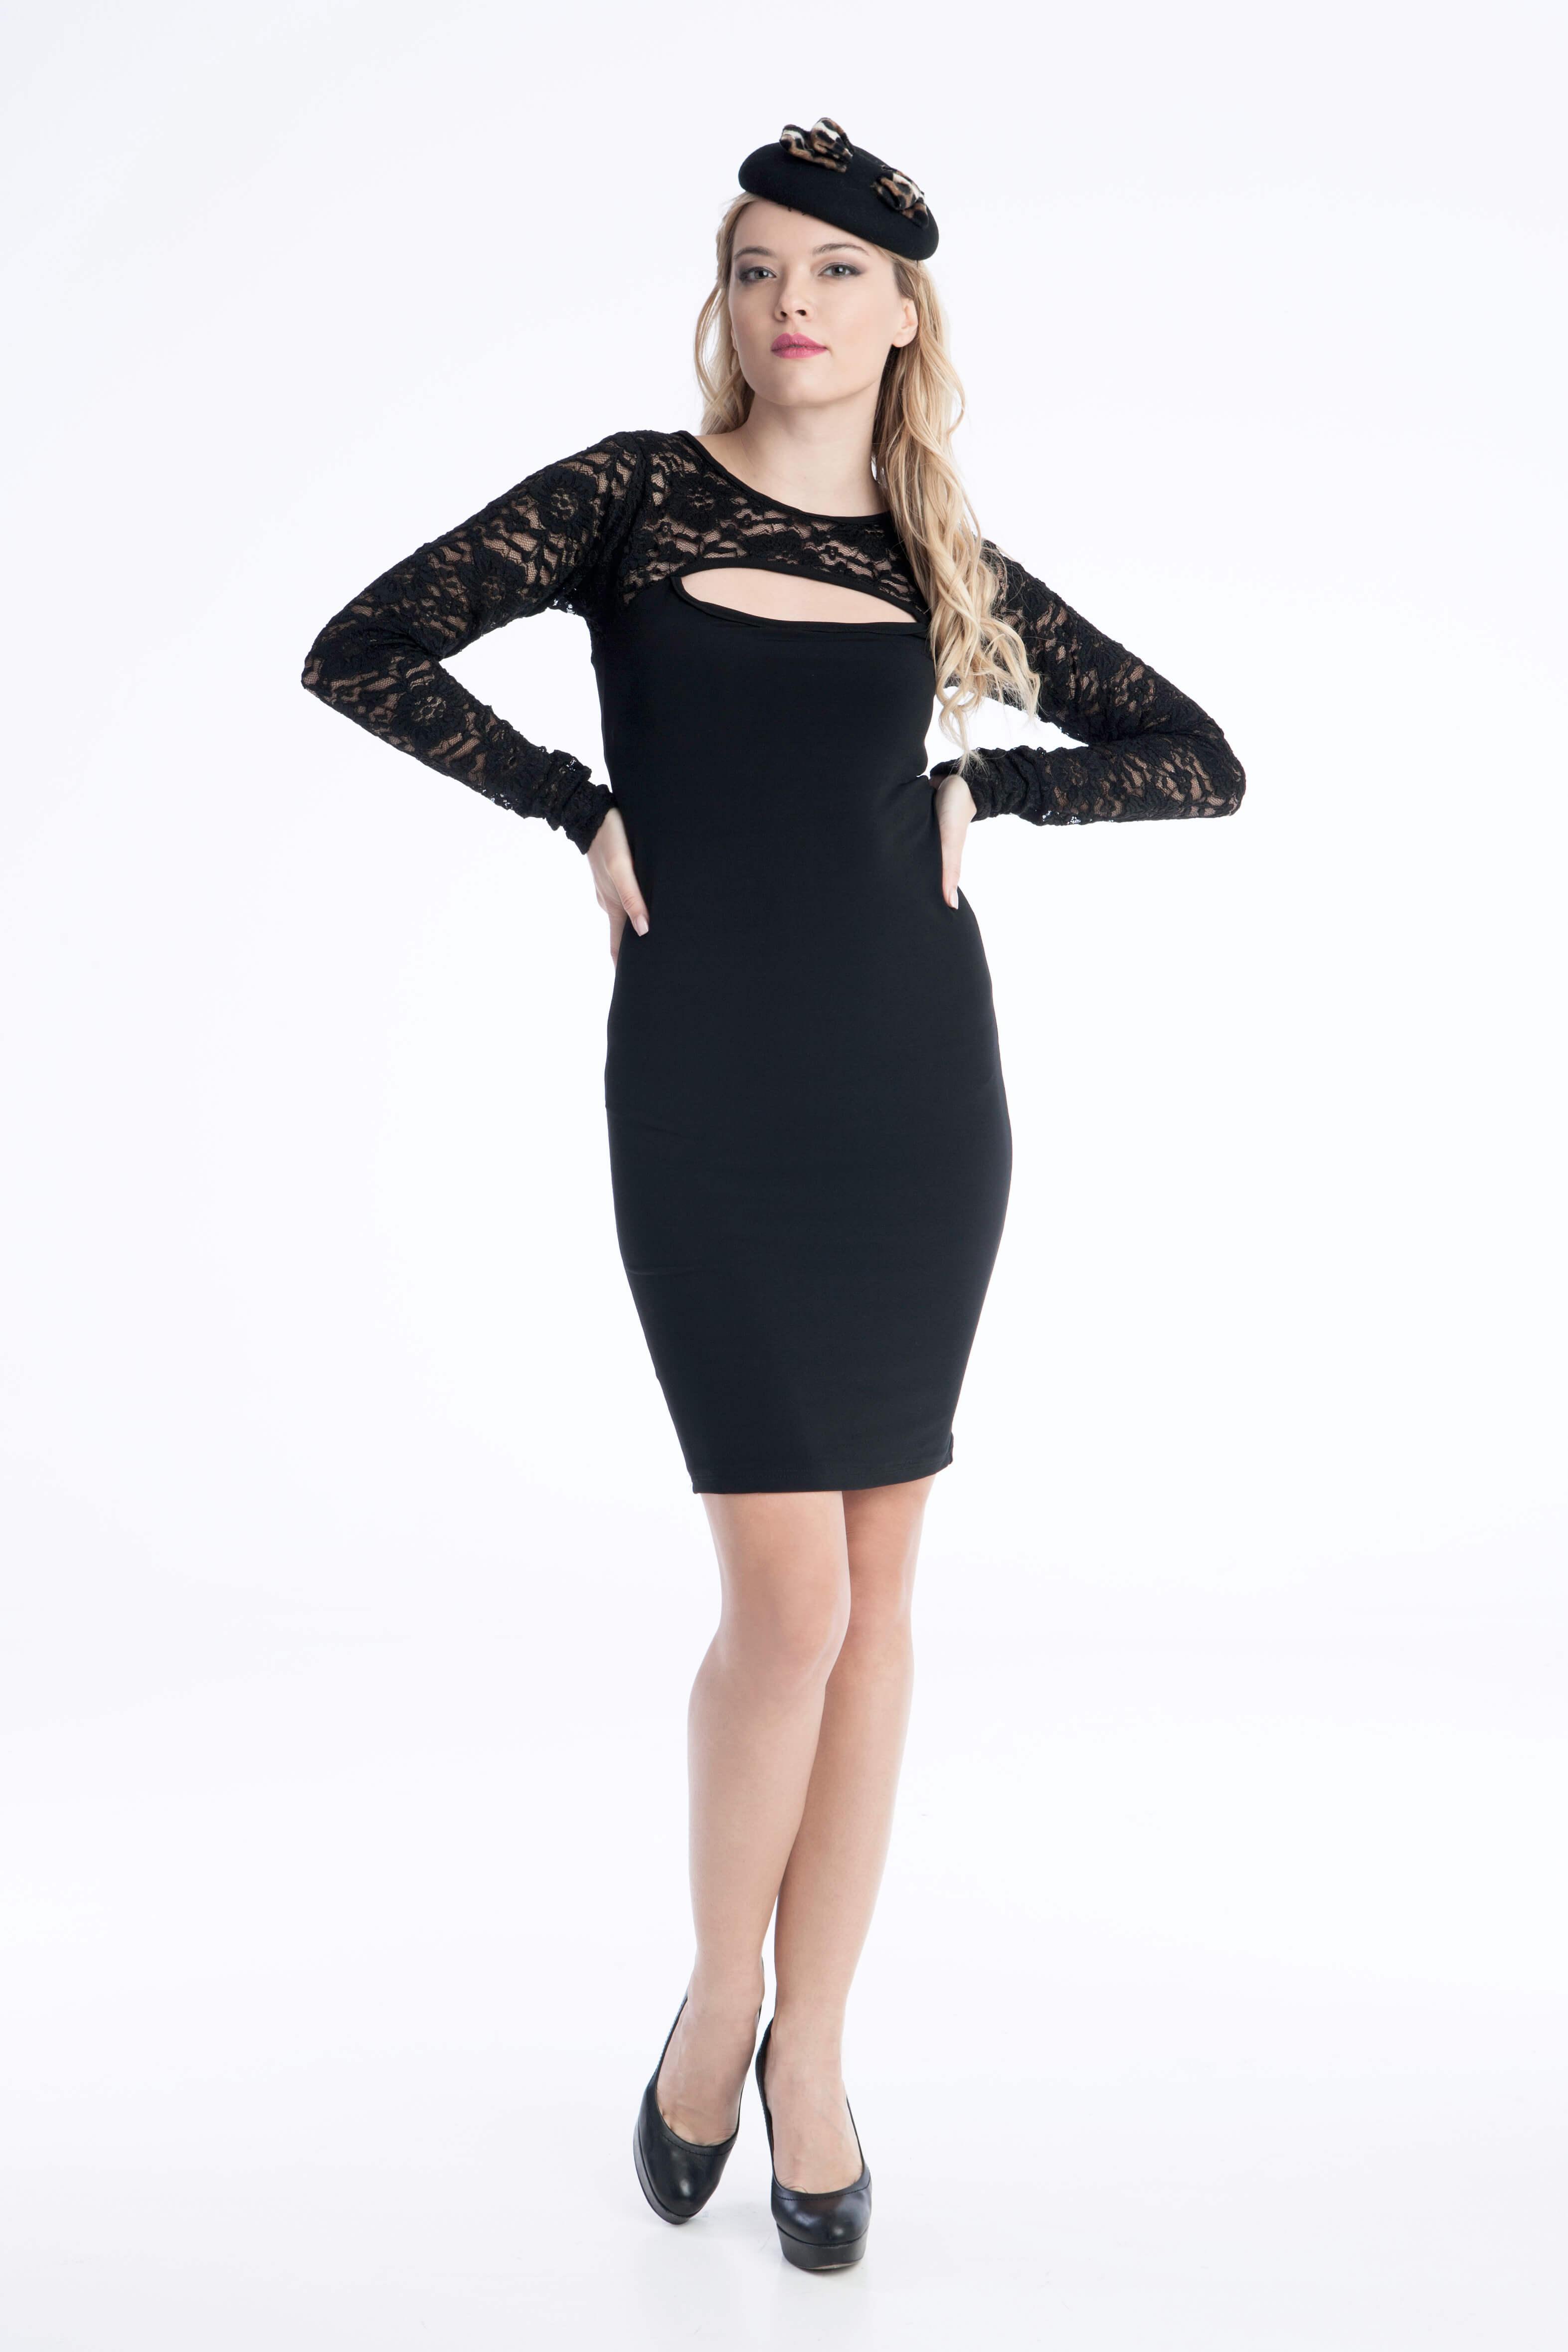 Φόρεμα Μίνι με Sexy Βαθύ Ντεκολτέ και Δαντέλα - Μαύρο 37edead2bd3